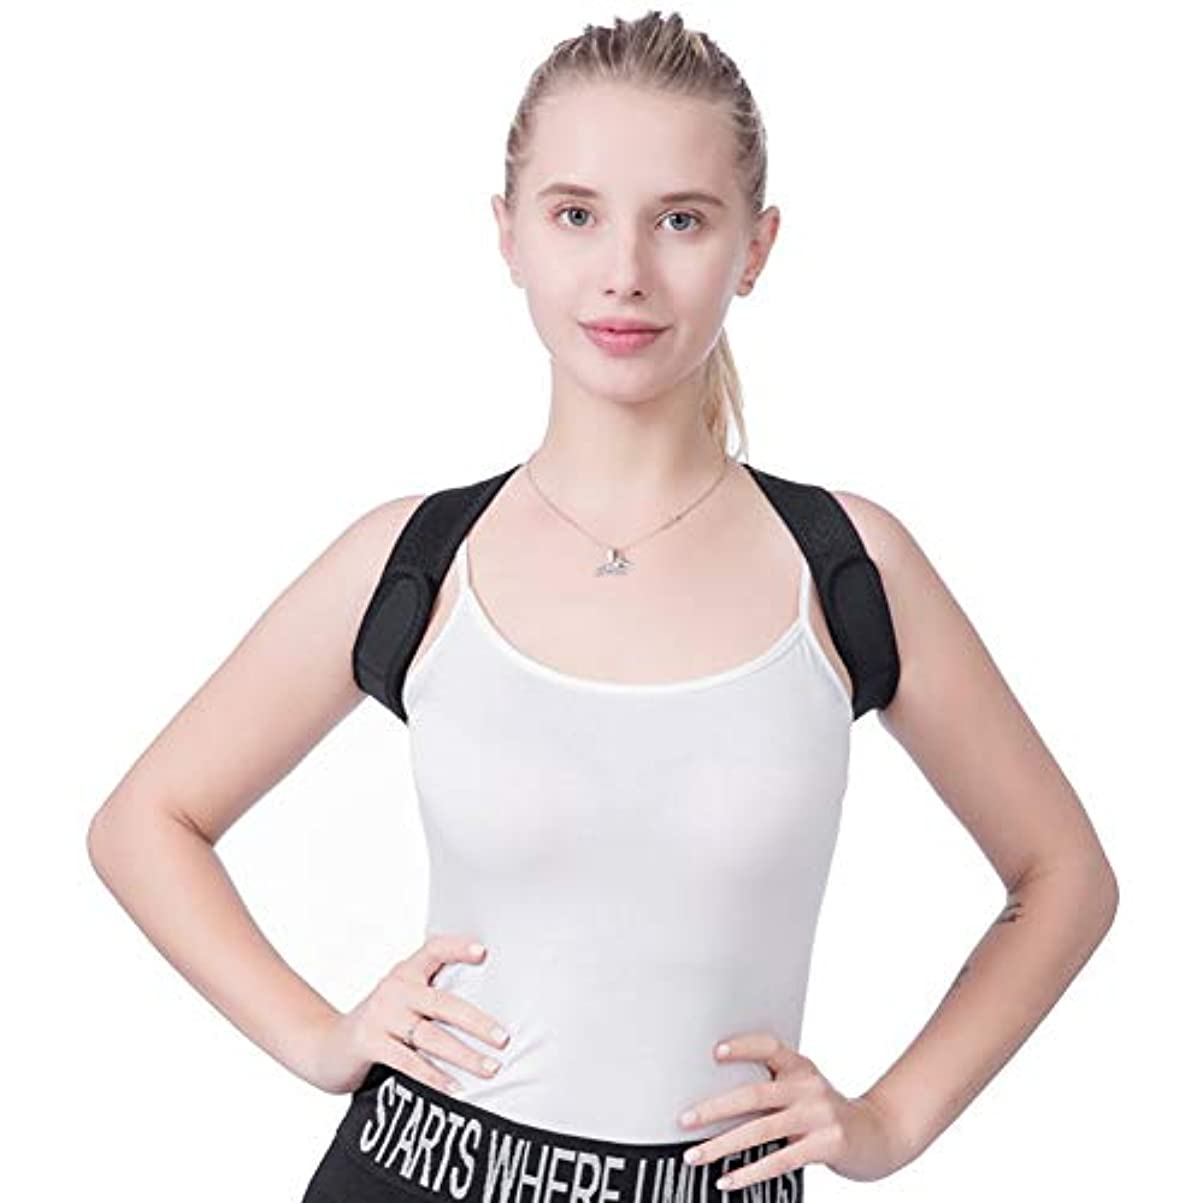 脊椎サポートベルト装具コルセット整形外科ウエストショルダーブレースバックサポートベルト補正メイクアップツール用女性男性 B830